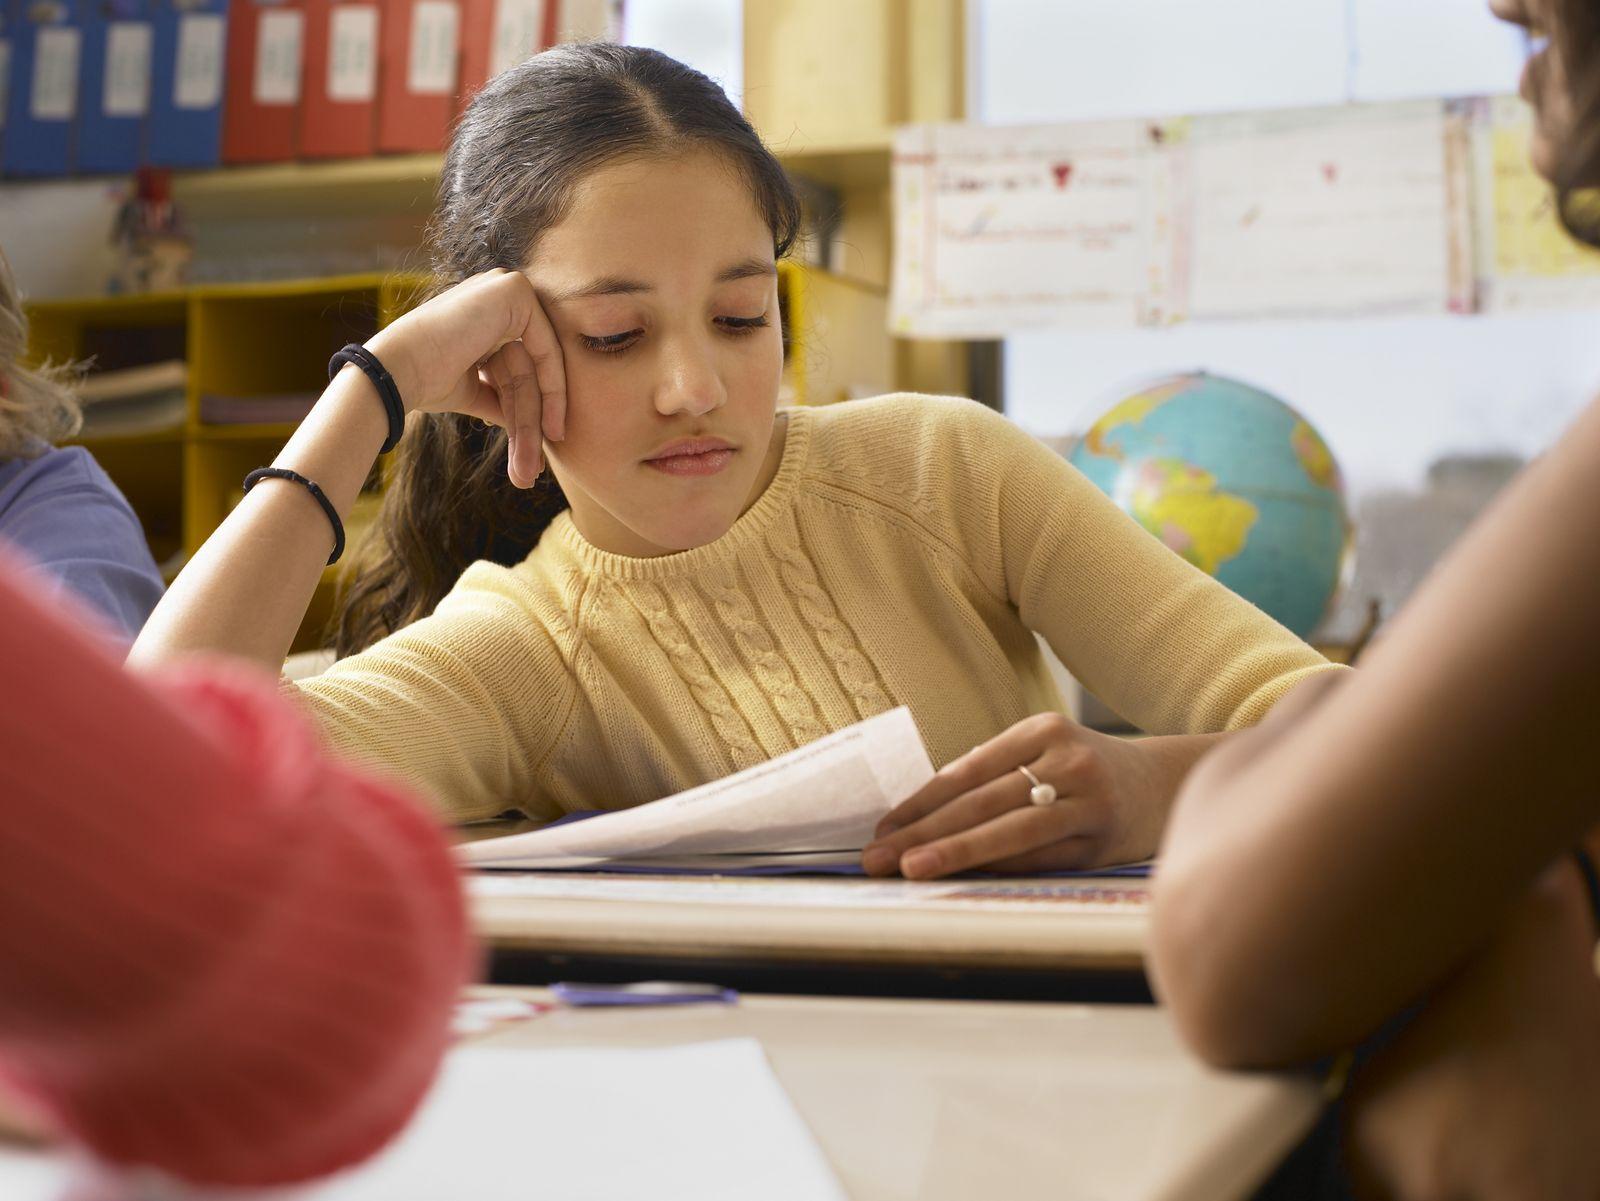 NICHT MEHR VERWENDEN! - Symbolbild Schülerin / Bildung / Lernen